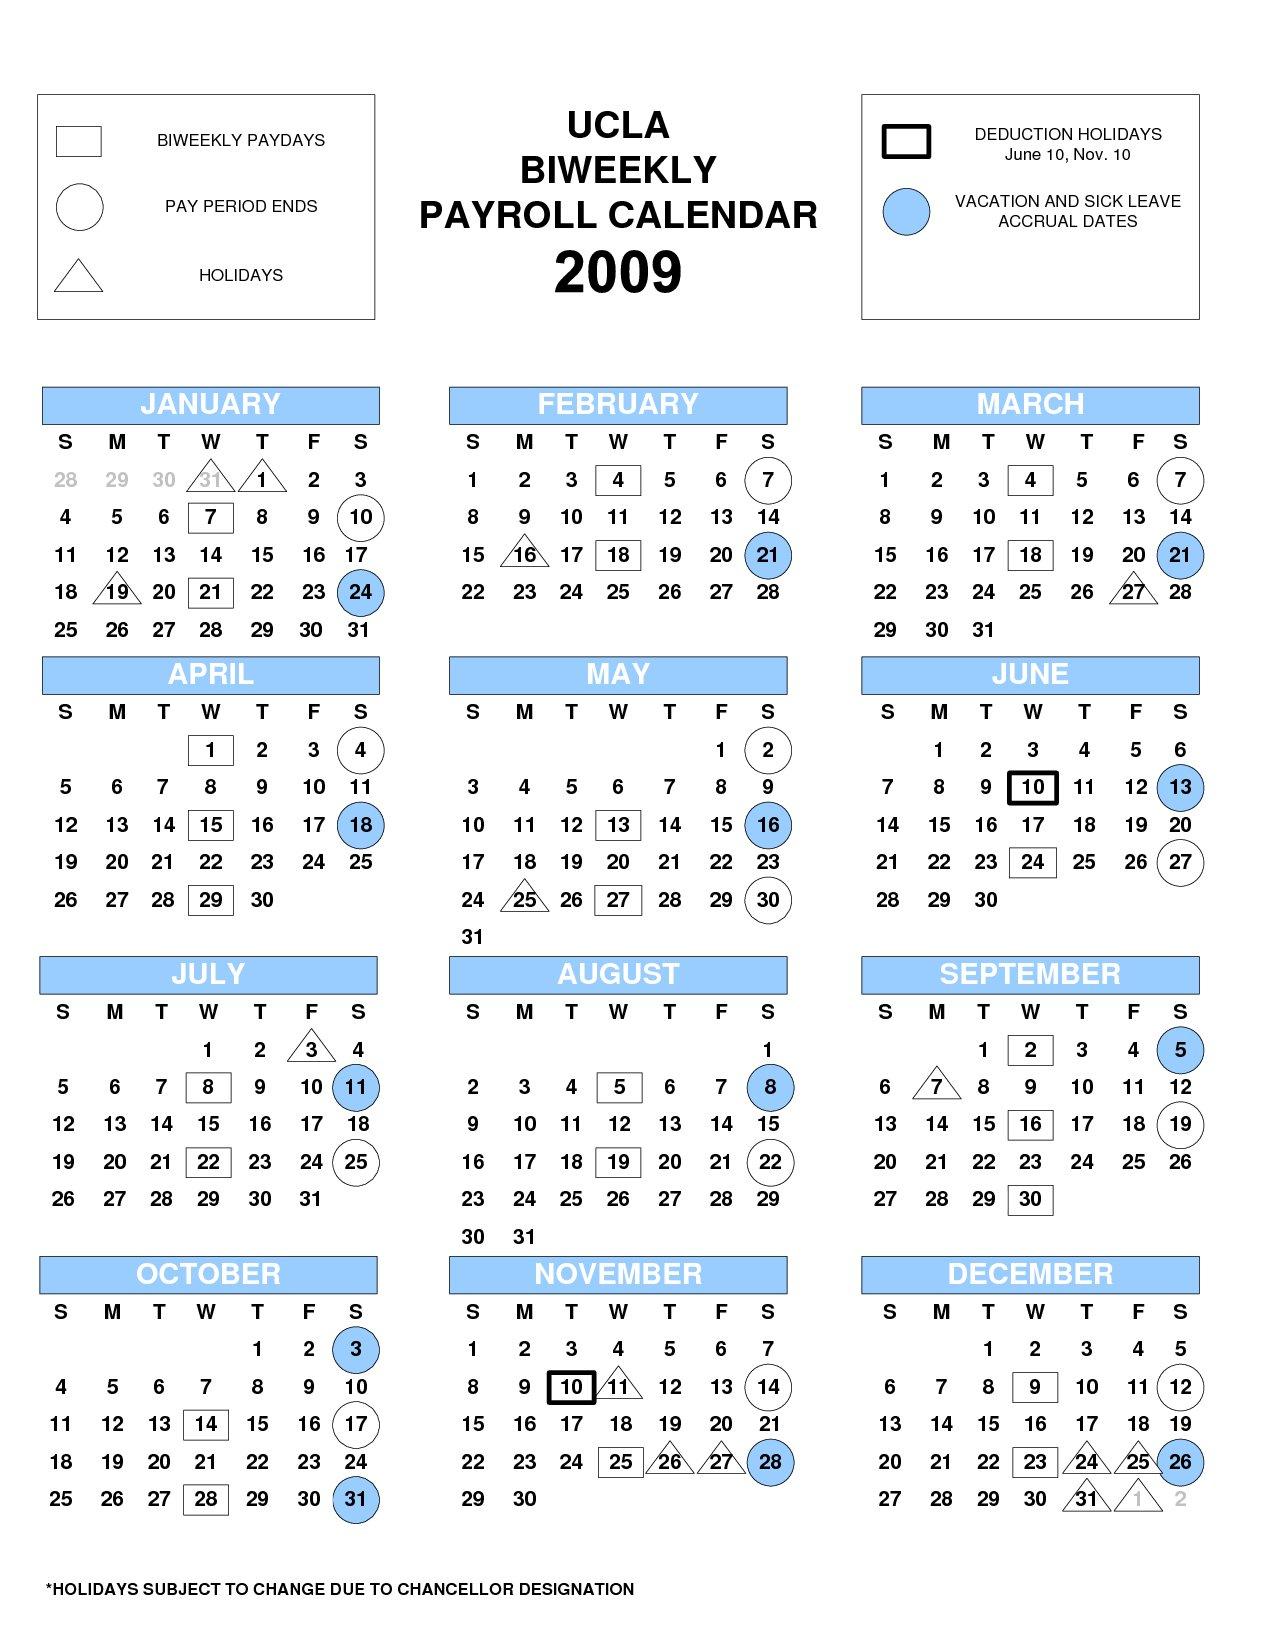 Ucla Biweekly Payroll Calendar 2013 Form Fill Online, Printable | Calendar Template 2021 inside Calendar To Fill Online